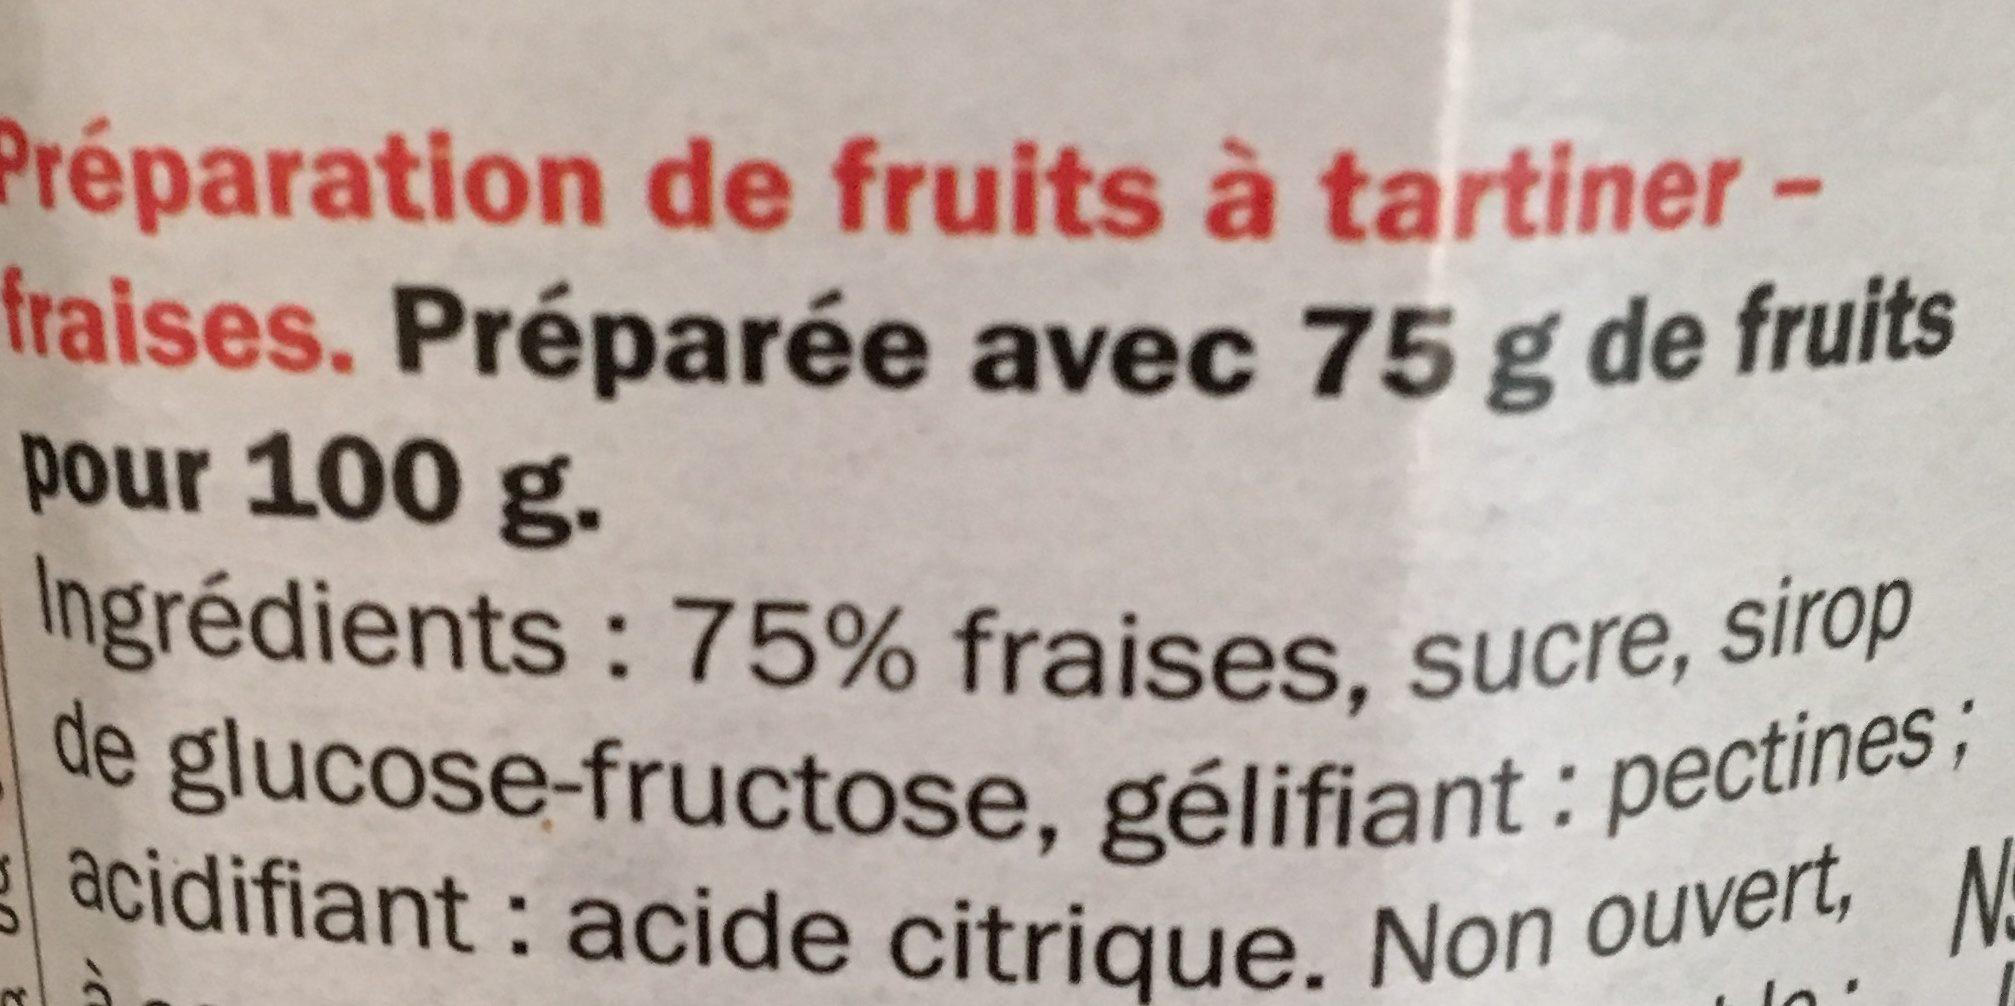 Confiture de fraises - 75 % de fruits - Ingredientes